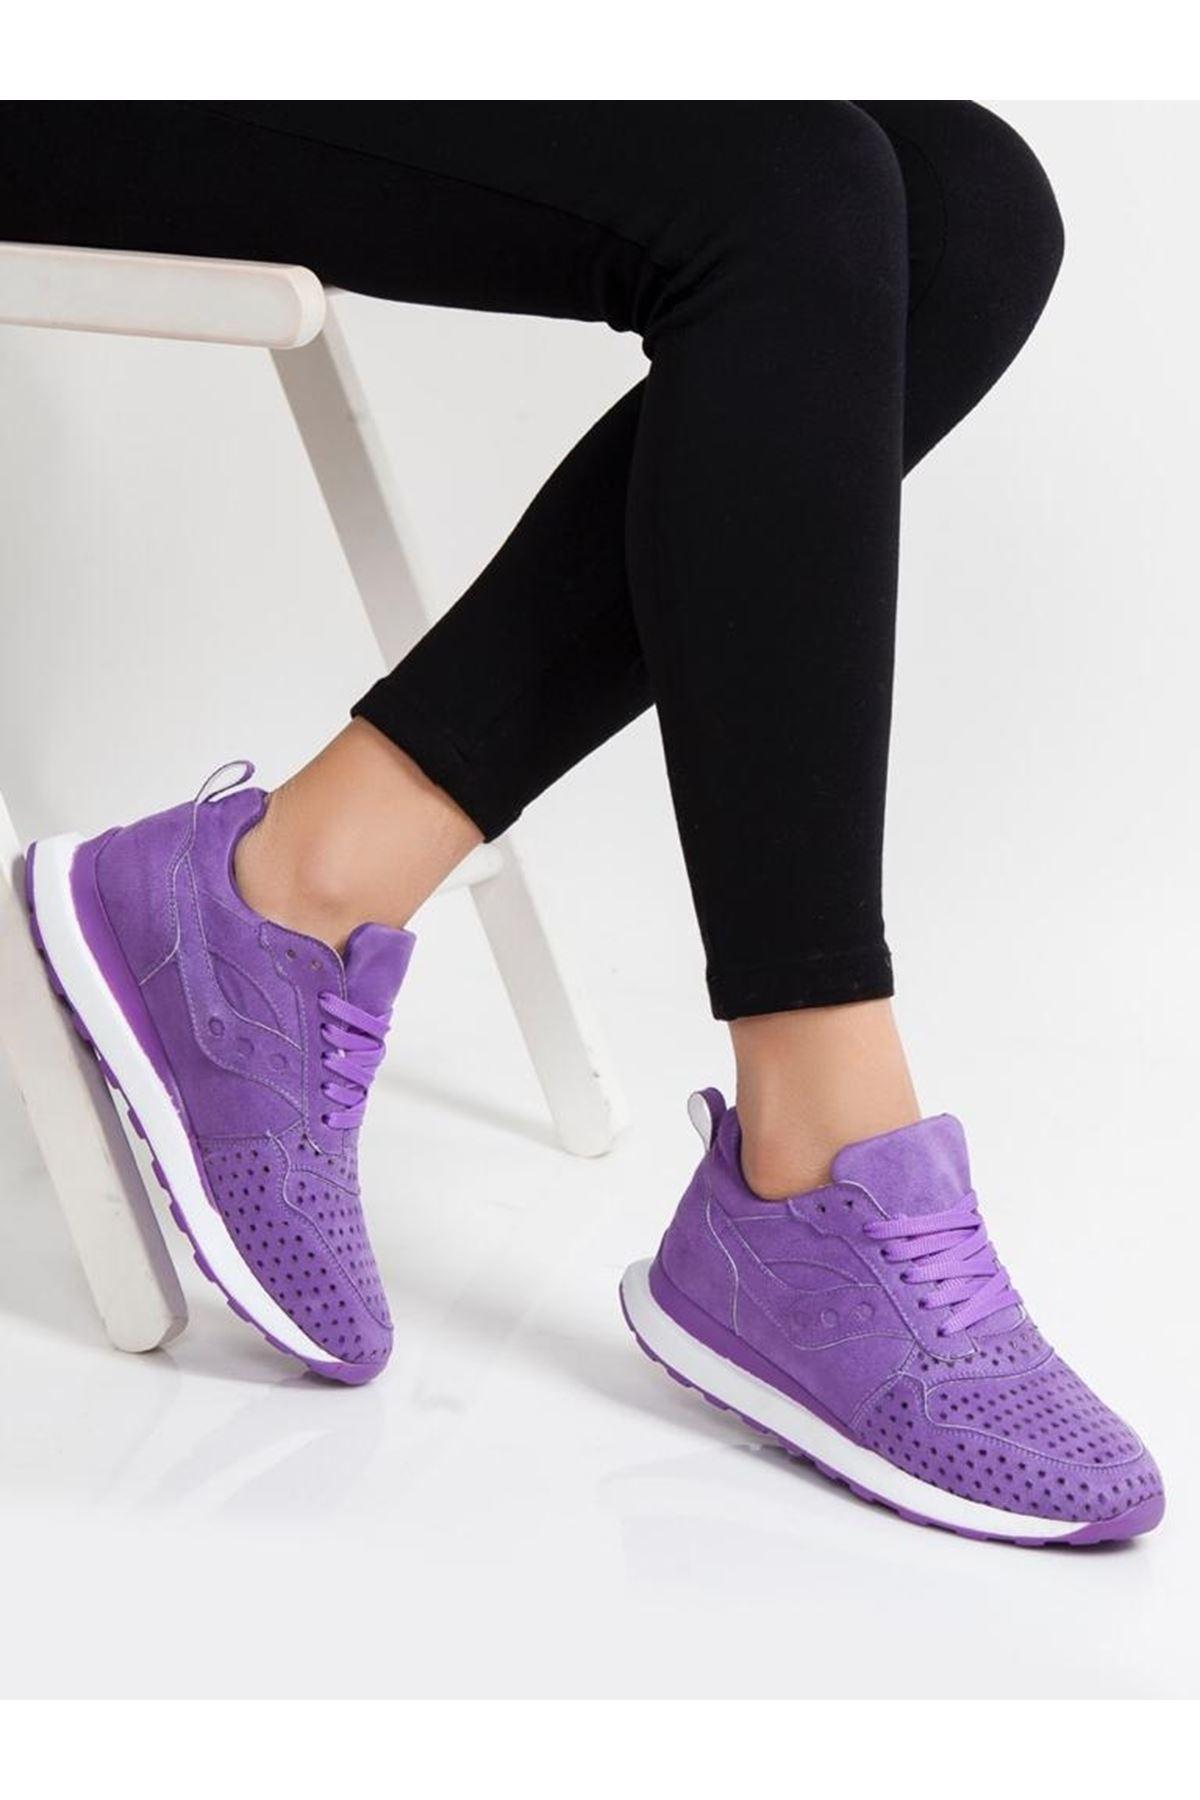 Vira Süet Lazer Kesim Detay Kadın Spor Ayakkabı Mor